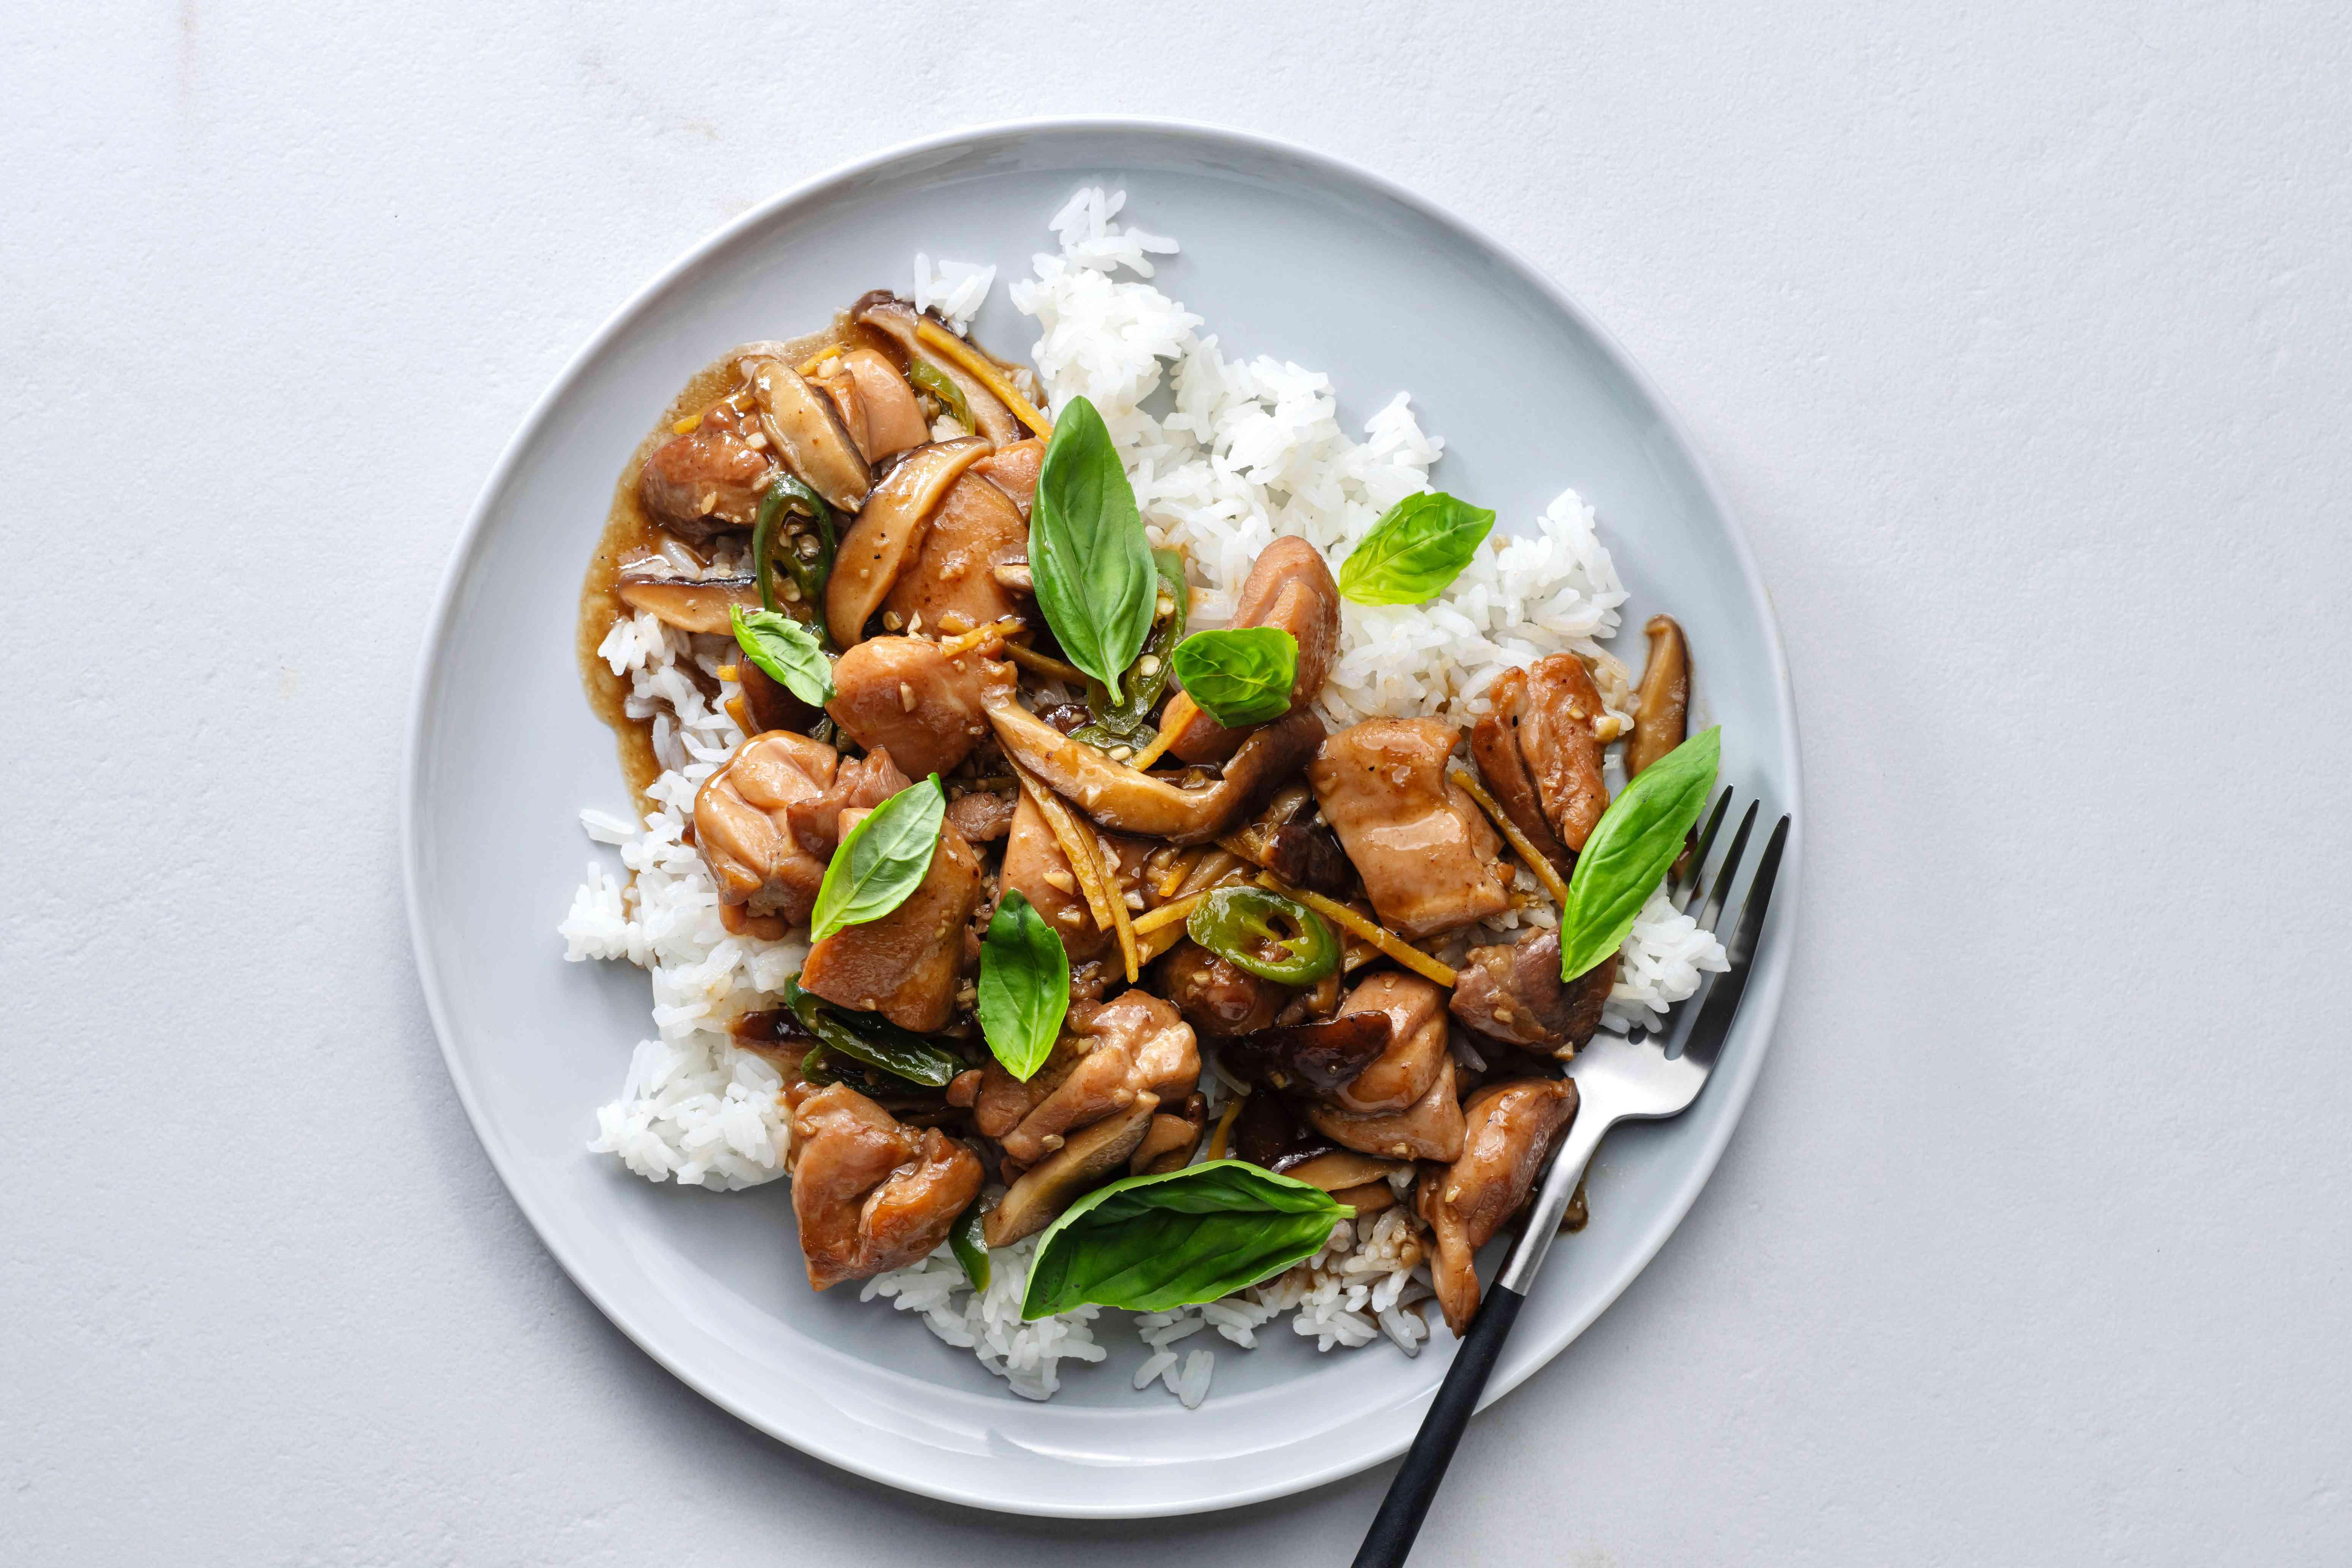 Thai tamarind chicken stir-fry over rice